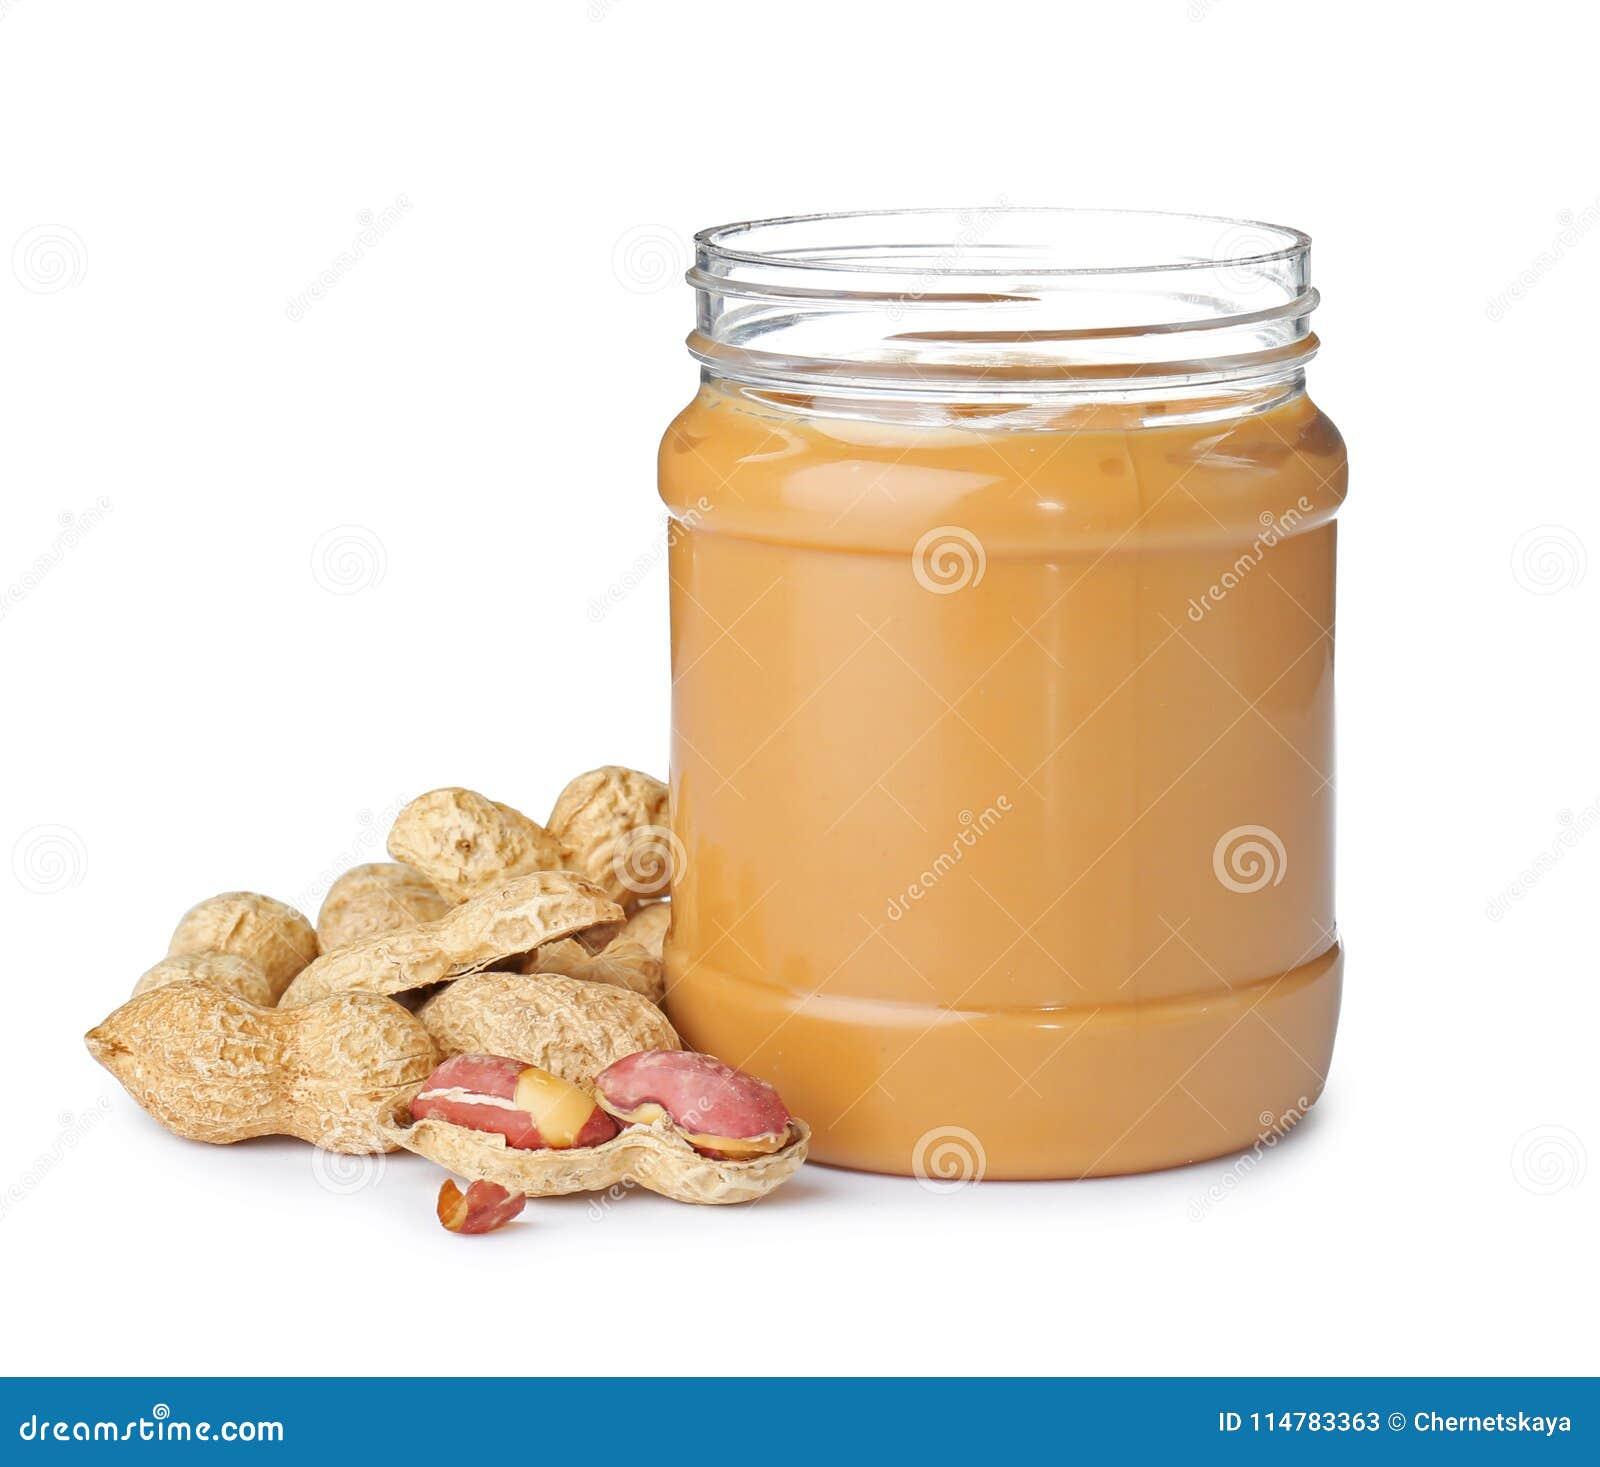 Jar with creamy peanut butter